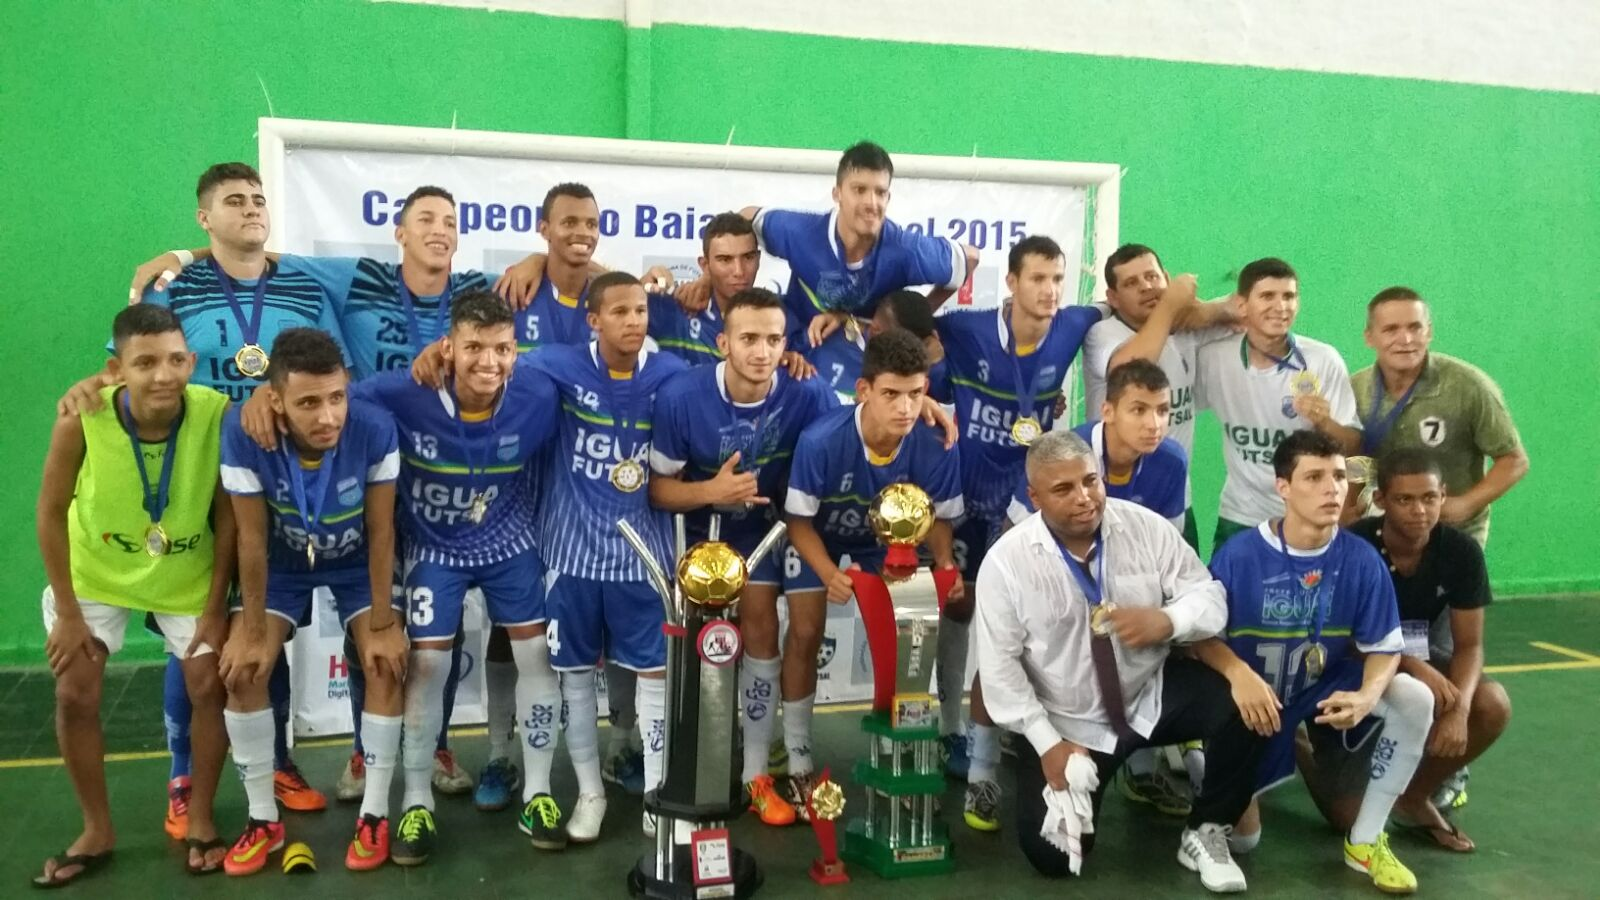 Seleção de Futsal de Iguaí